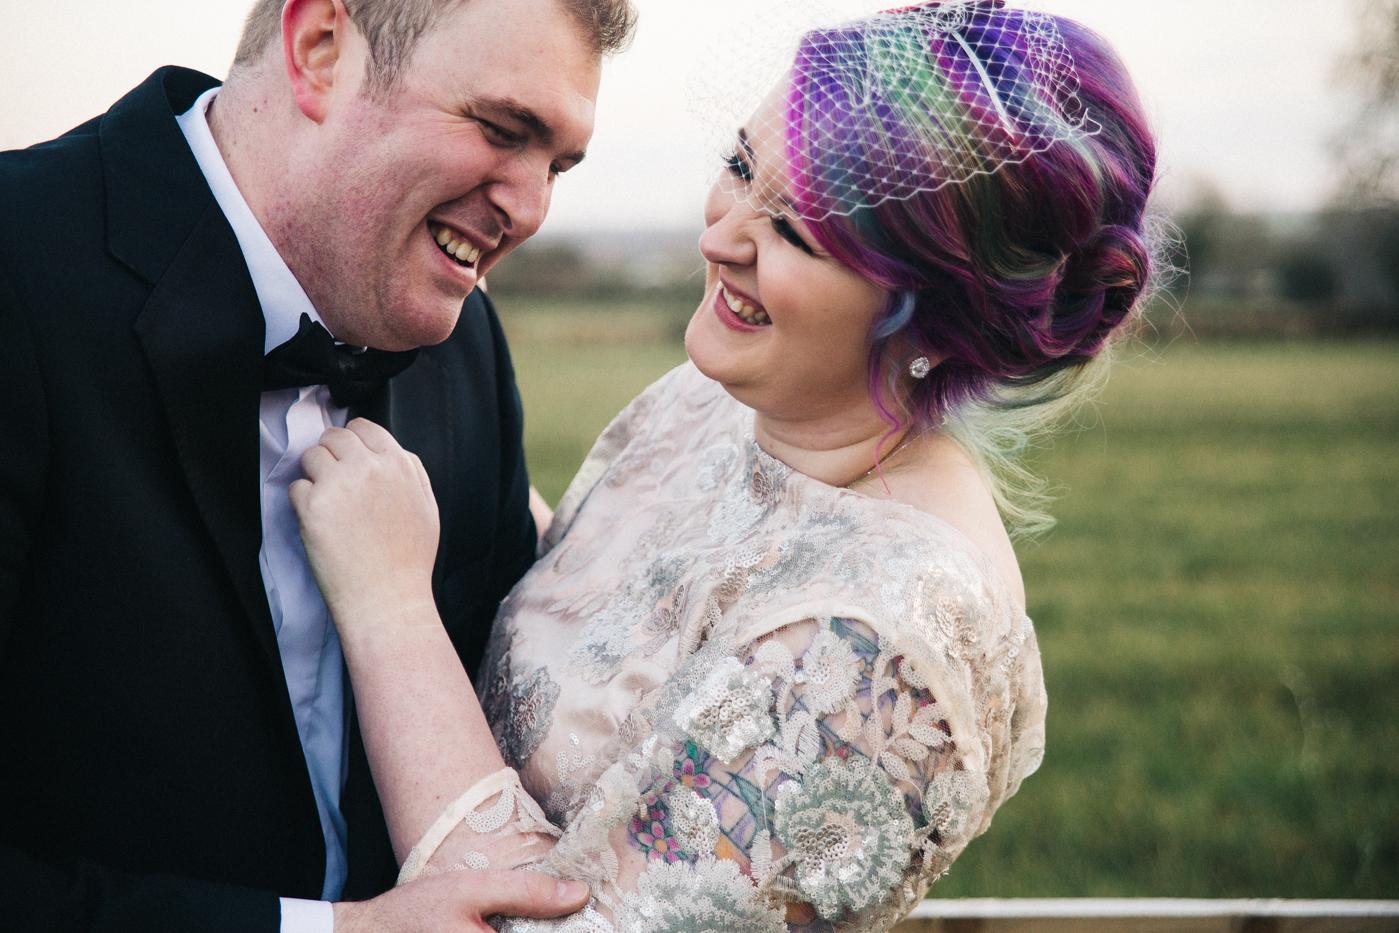 derby-derbyshire-wedding-photographer-creative-white-hart-inn-wedding-0015.jpg